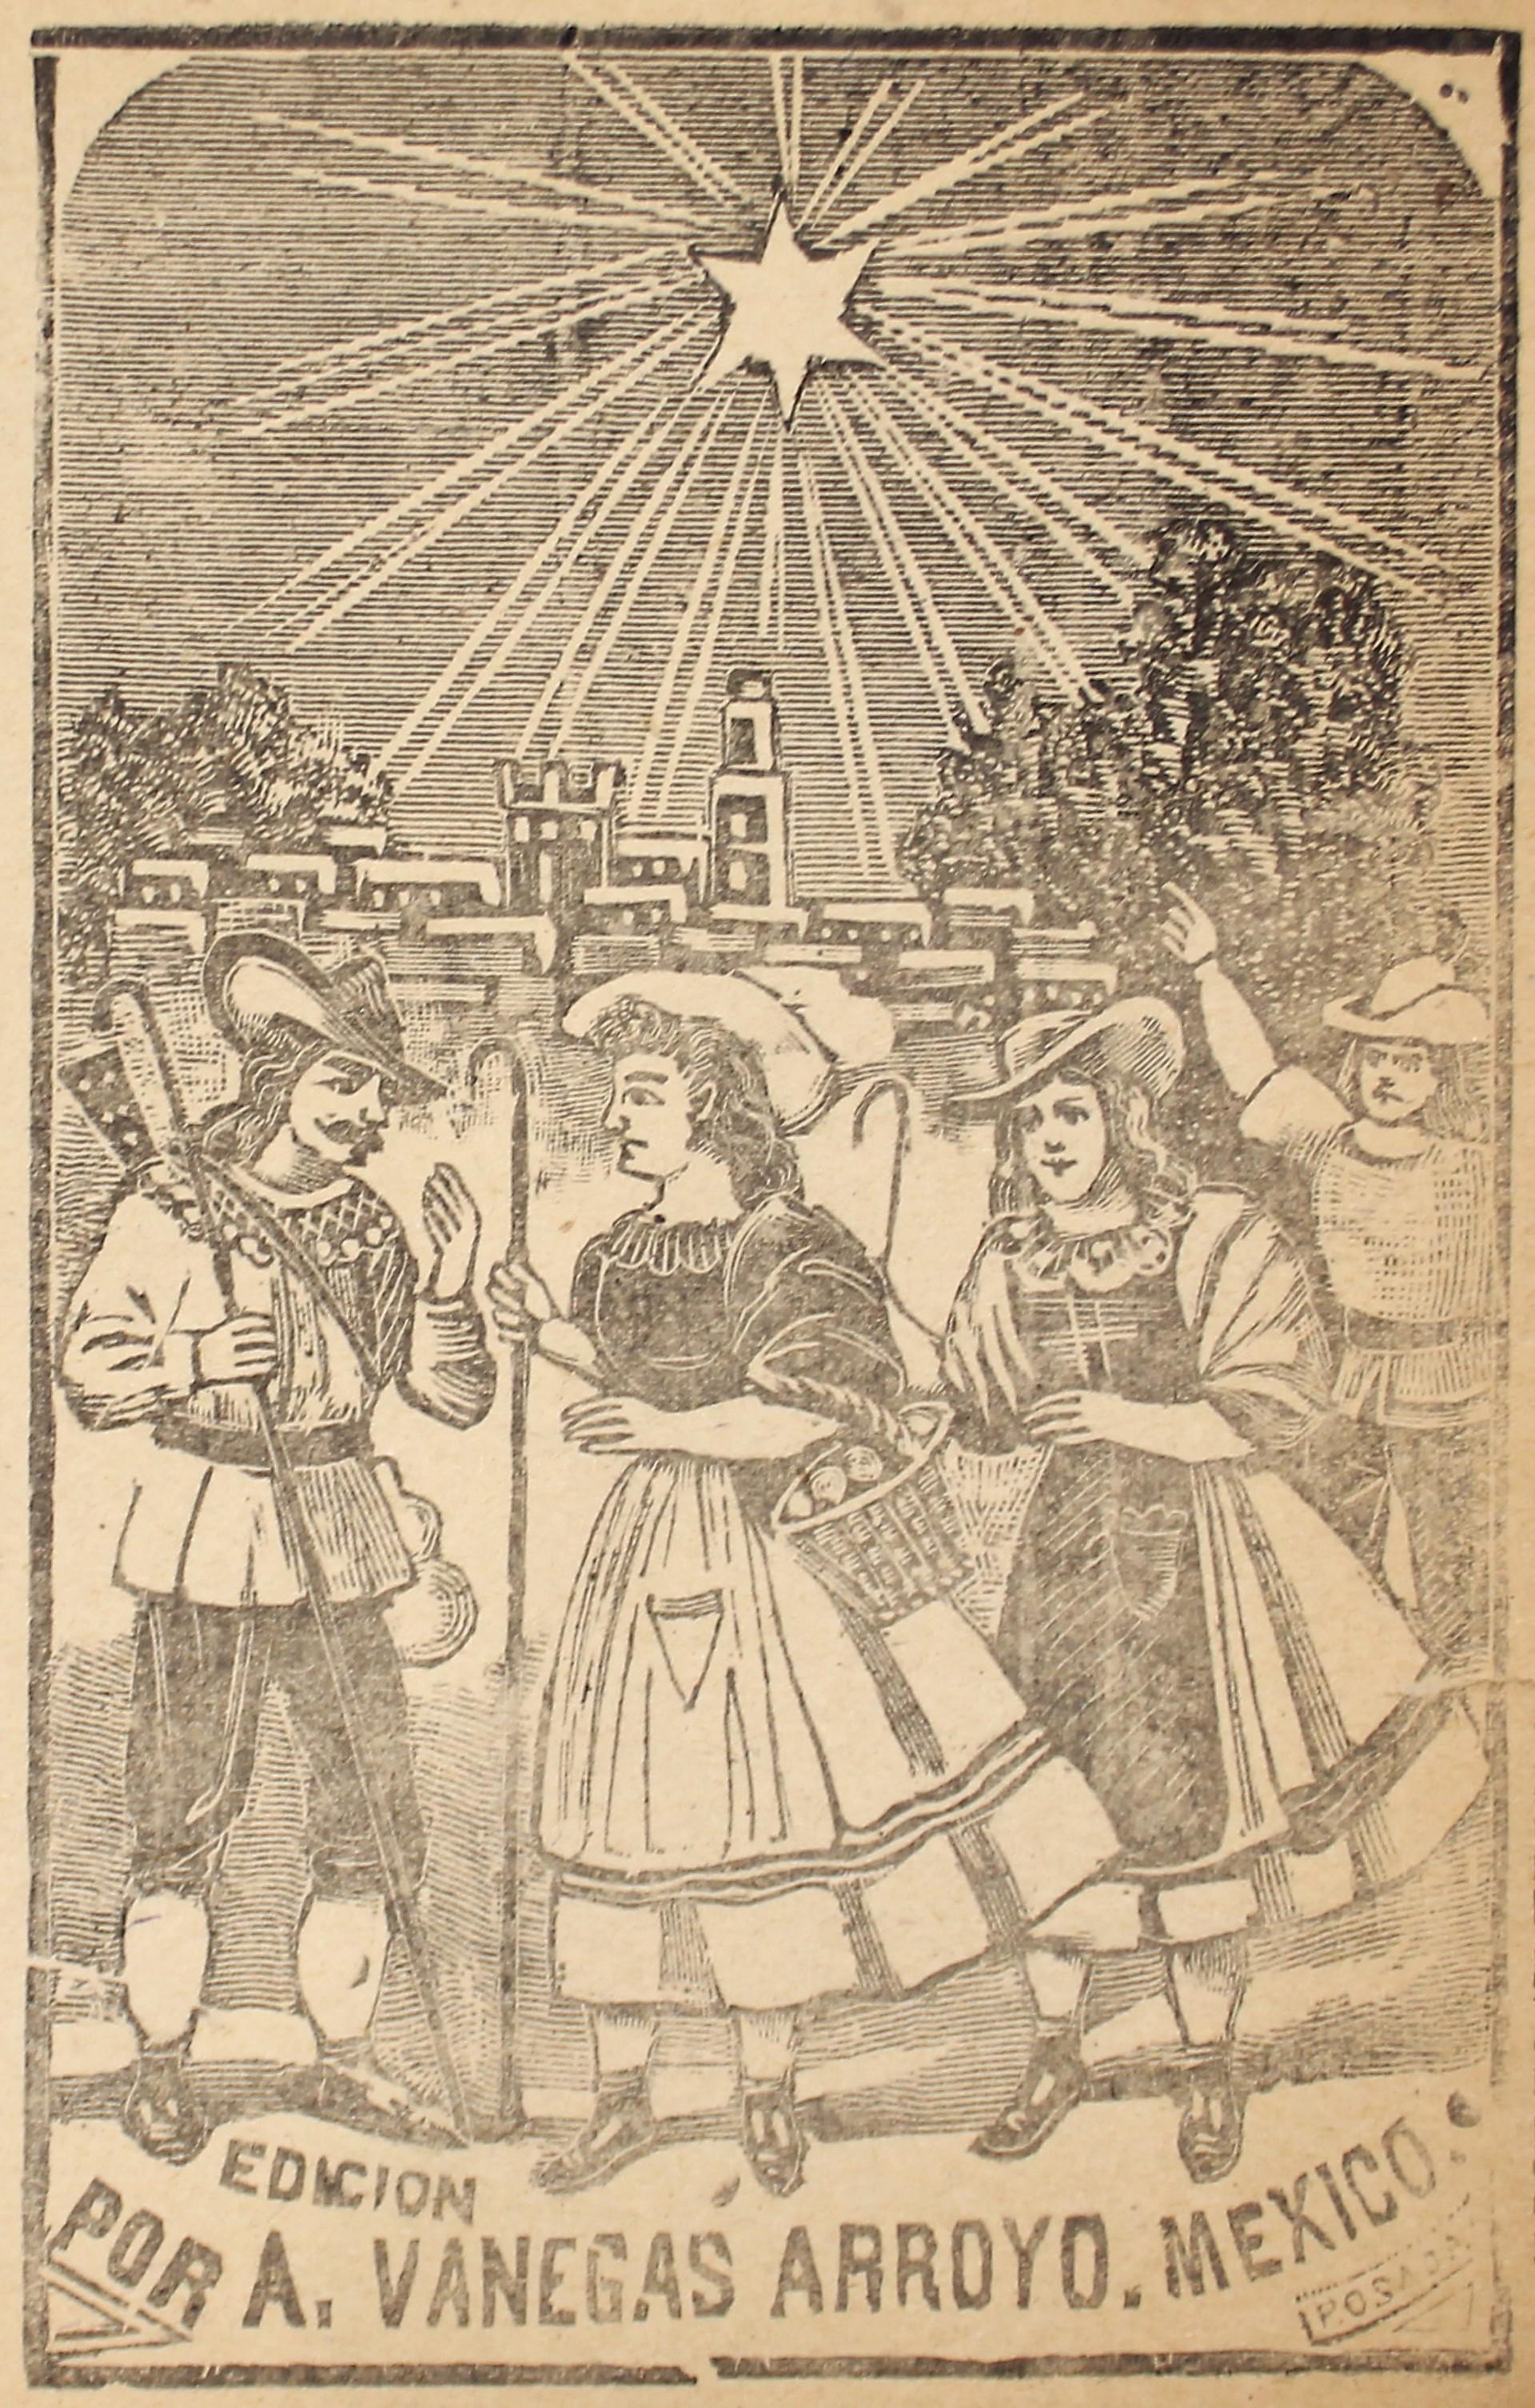 La Aurora del Nuevo Dia en los campos de Belen by José Guadalupe Posada (1852 - 1913)